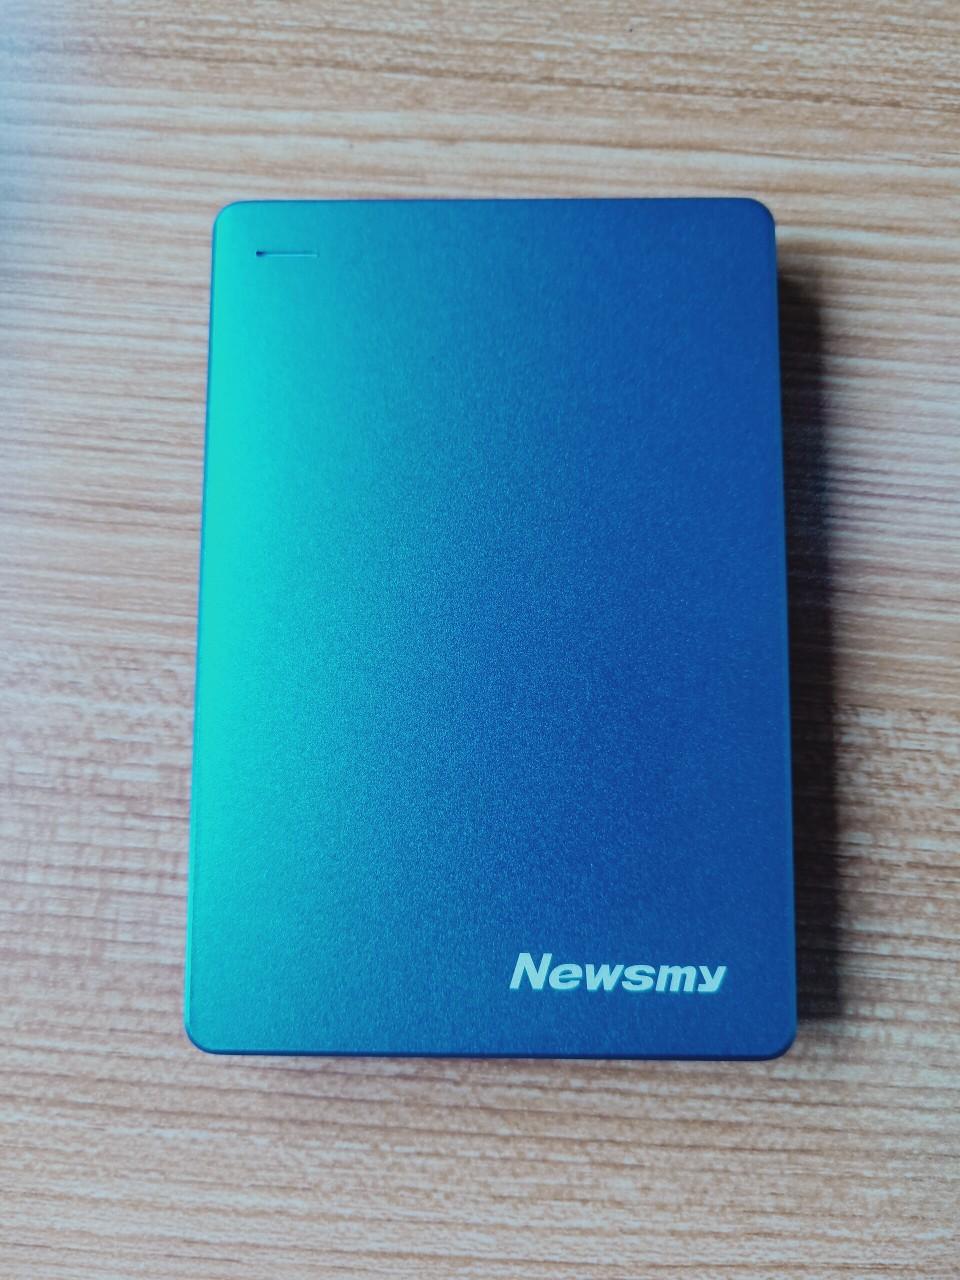 分享:移动硬盘怎么修复xp认识500g移动硬盘:头条新闻